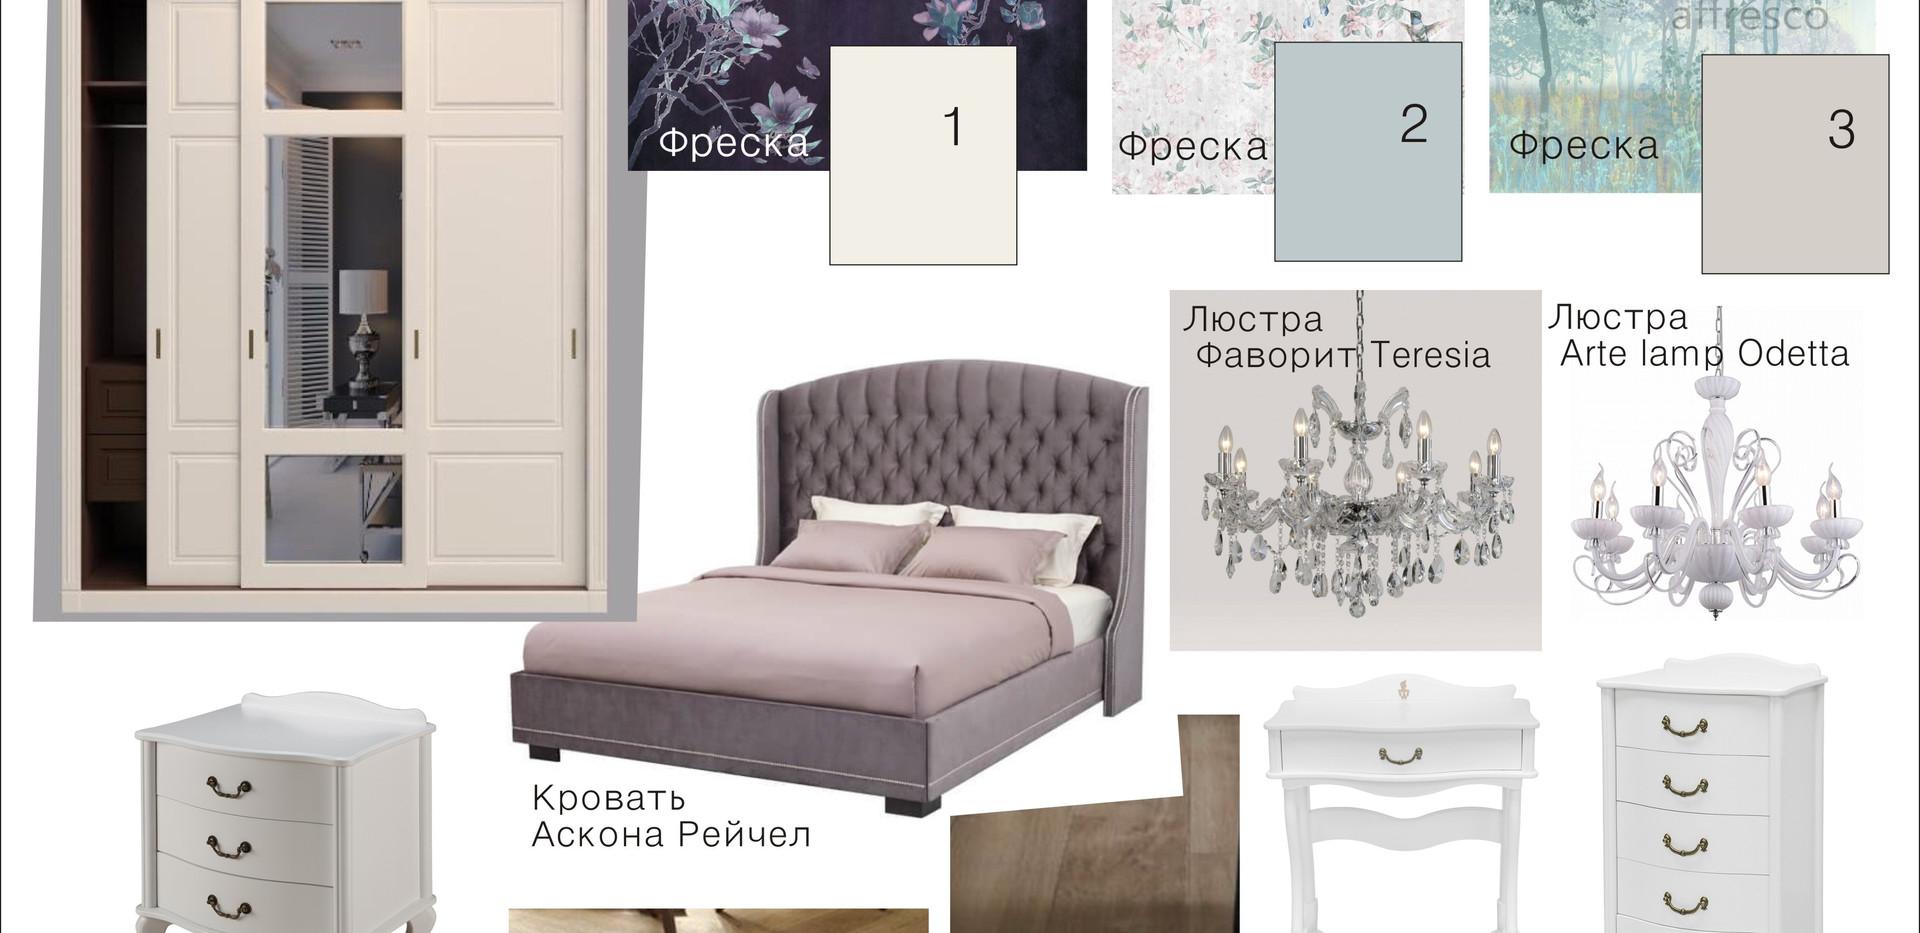 Классическая квартира на ул. Арсенальная, в г. Санкт-Петербург, 2019г. 